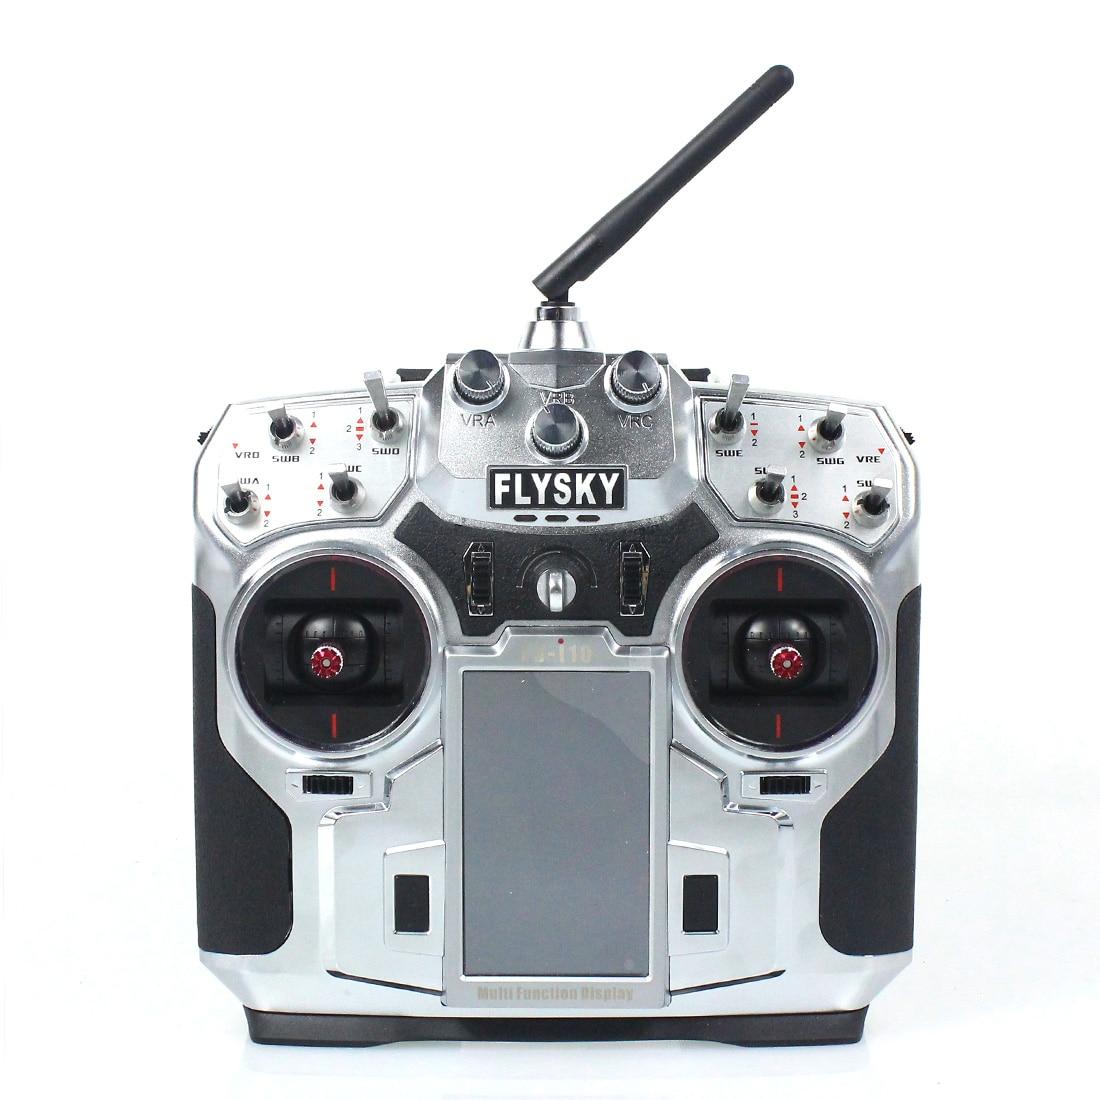 F16276/F16277 FS FlySky FS i10 T6 2.4g cyfrowy proporcjonalny 10 kanałów nadajnik i odbiornik System 3.55 ekran LED w Części i akcesoria od Zabawki i hobby na  Grupa 2